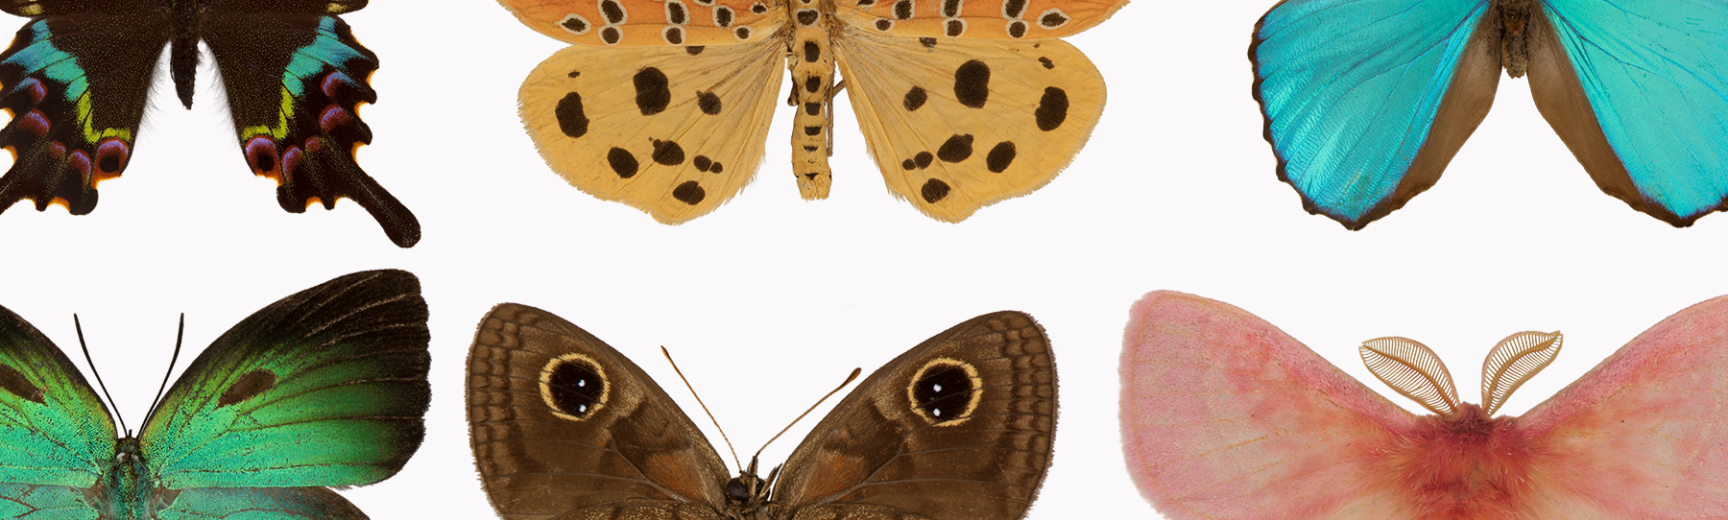 butteflies light touch